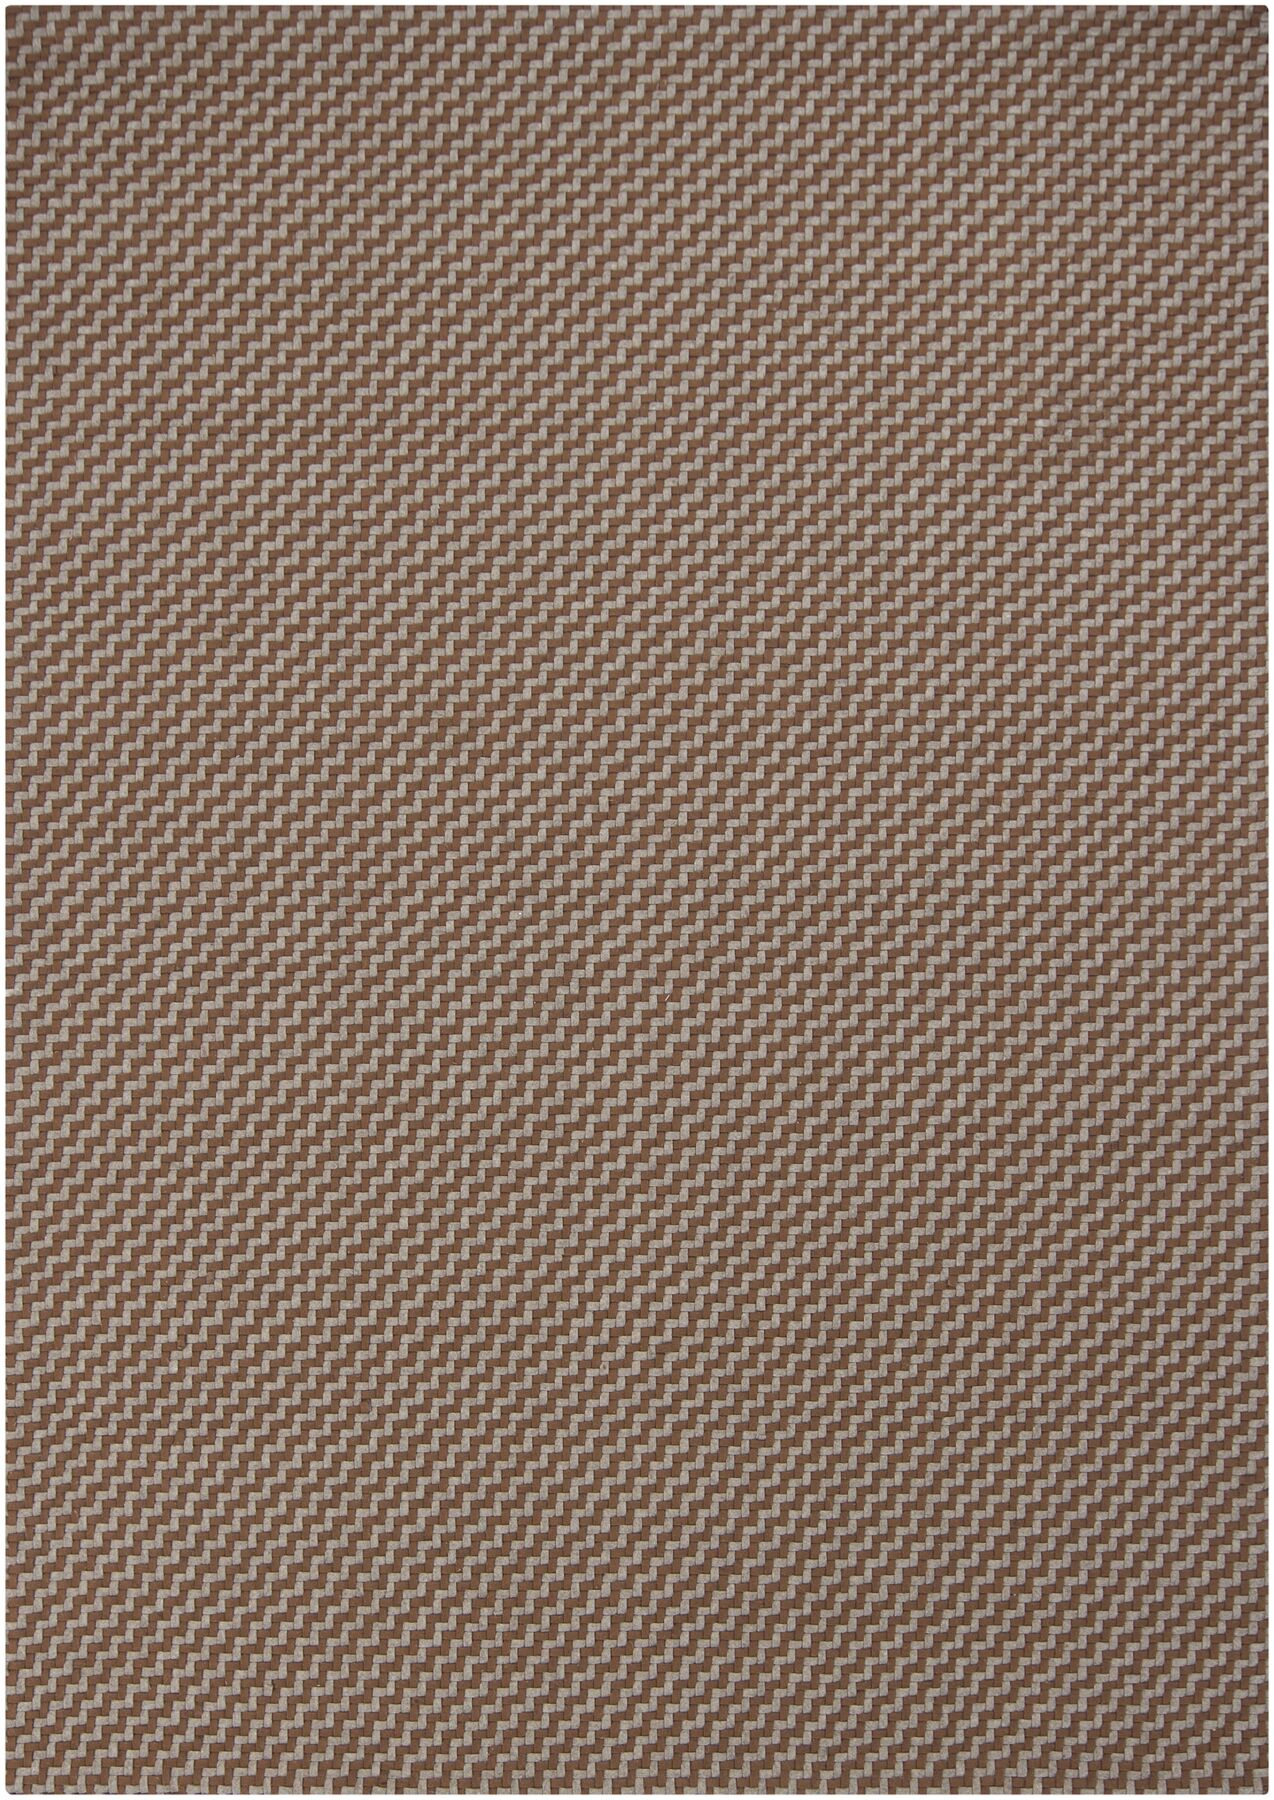 Maija Brown Rug Rug Size: Rectangle 5' x 7'6